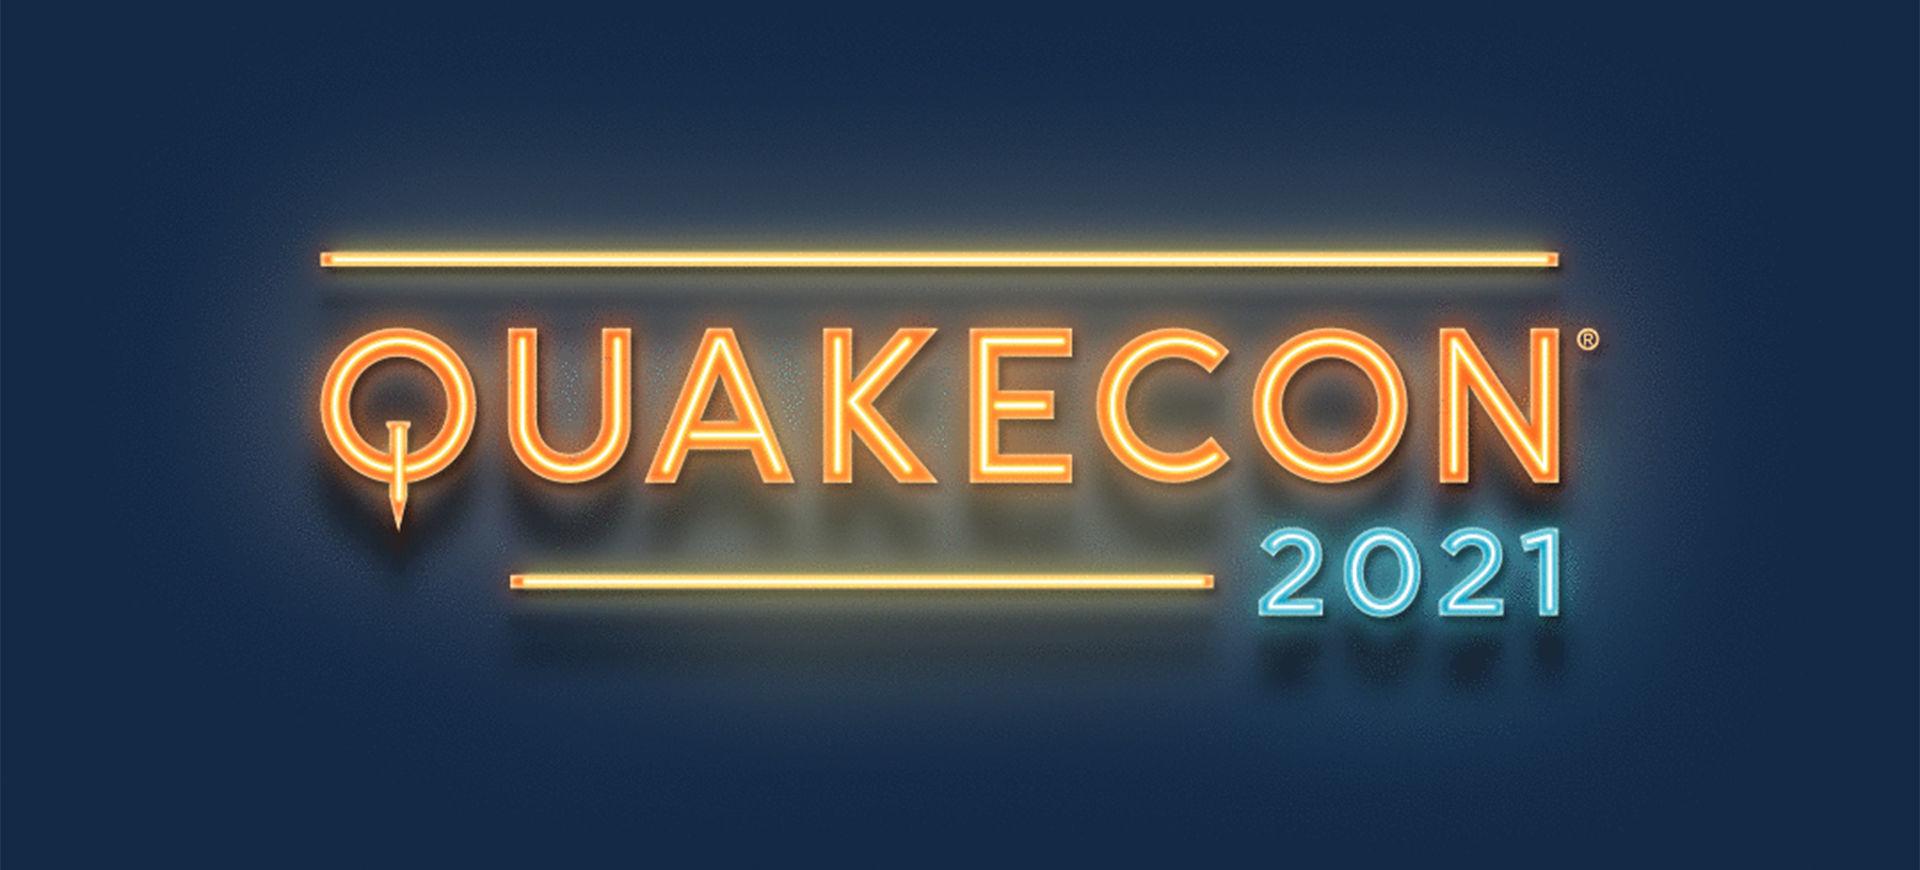 QuakeCon 2021 etkinlik takvimi ve detayları açıklandı